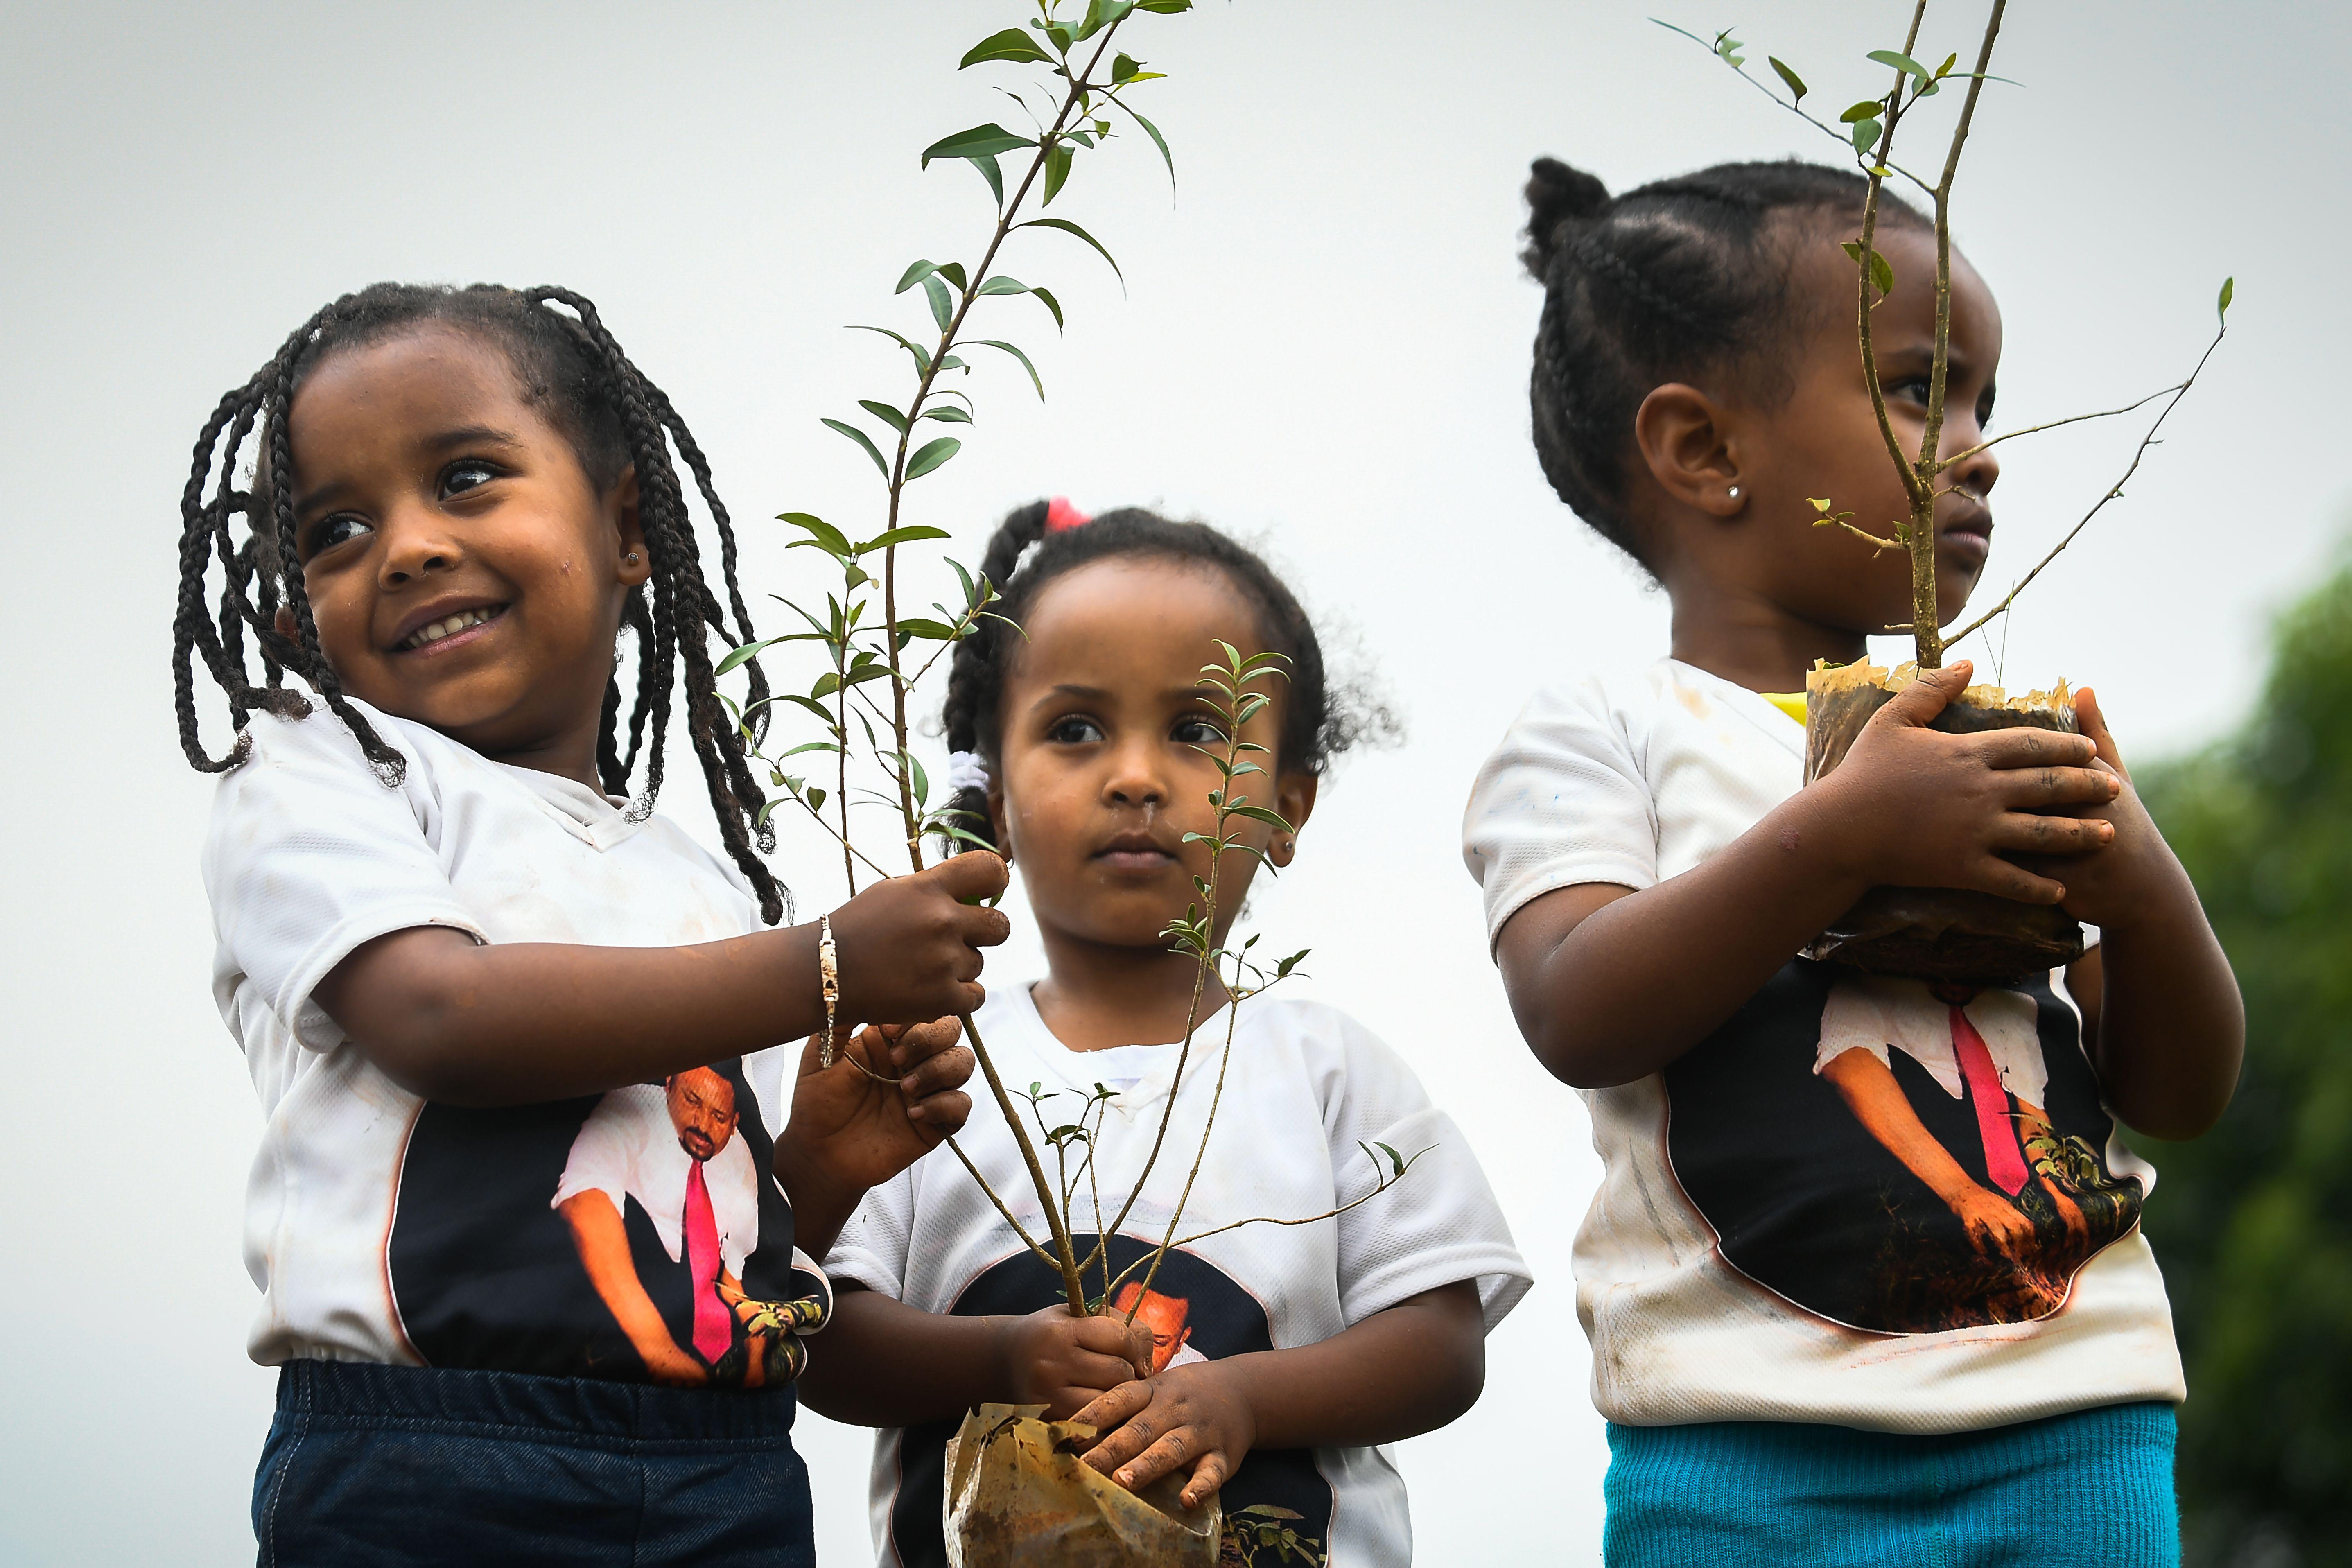 ثلاث فتيات يحملن شتلات ضمن مبادرة زراعة الأشجار في أثيوبيا